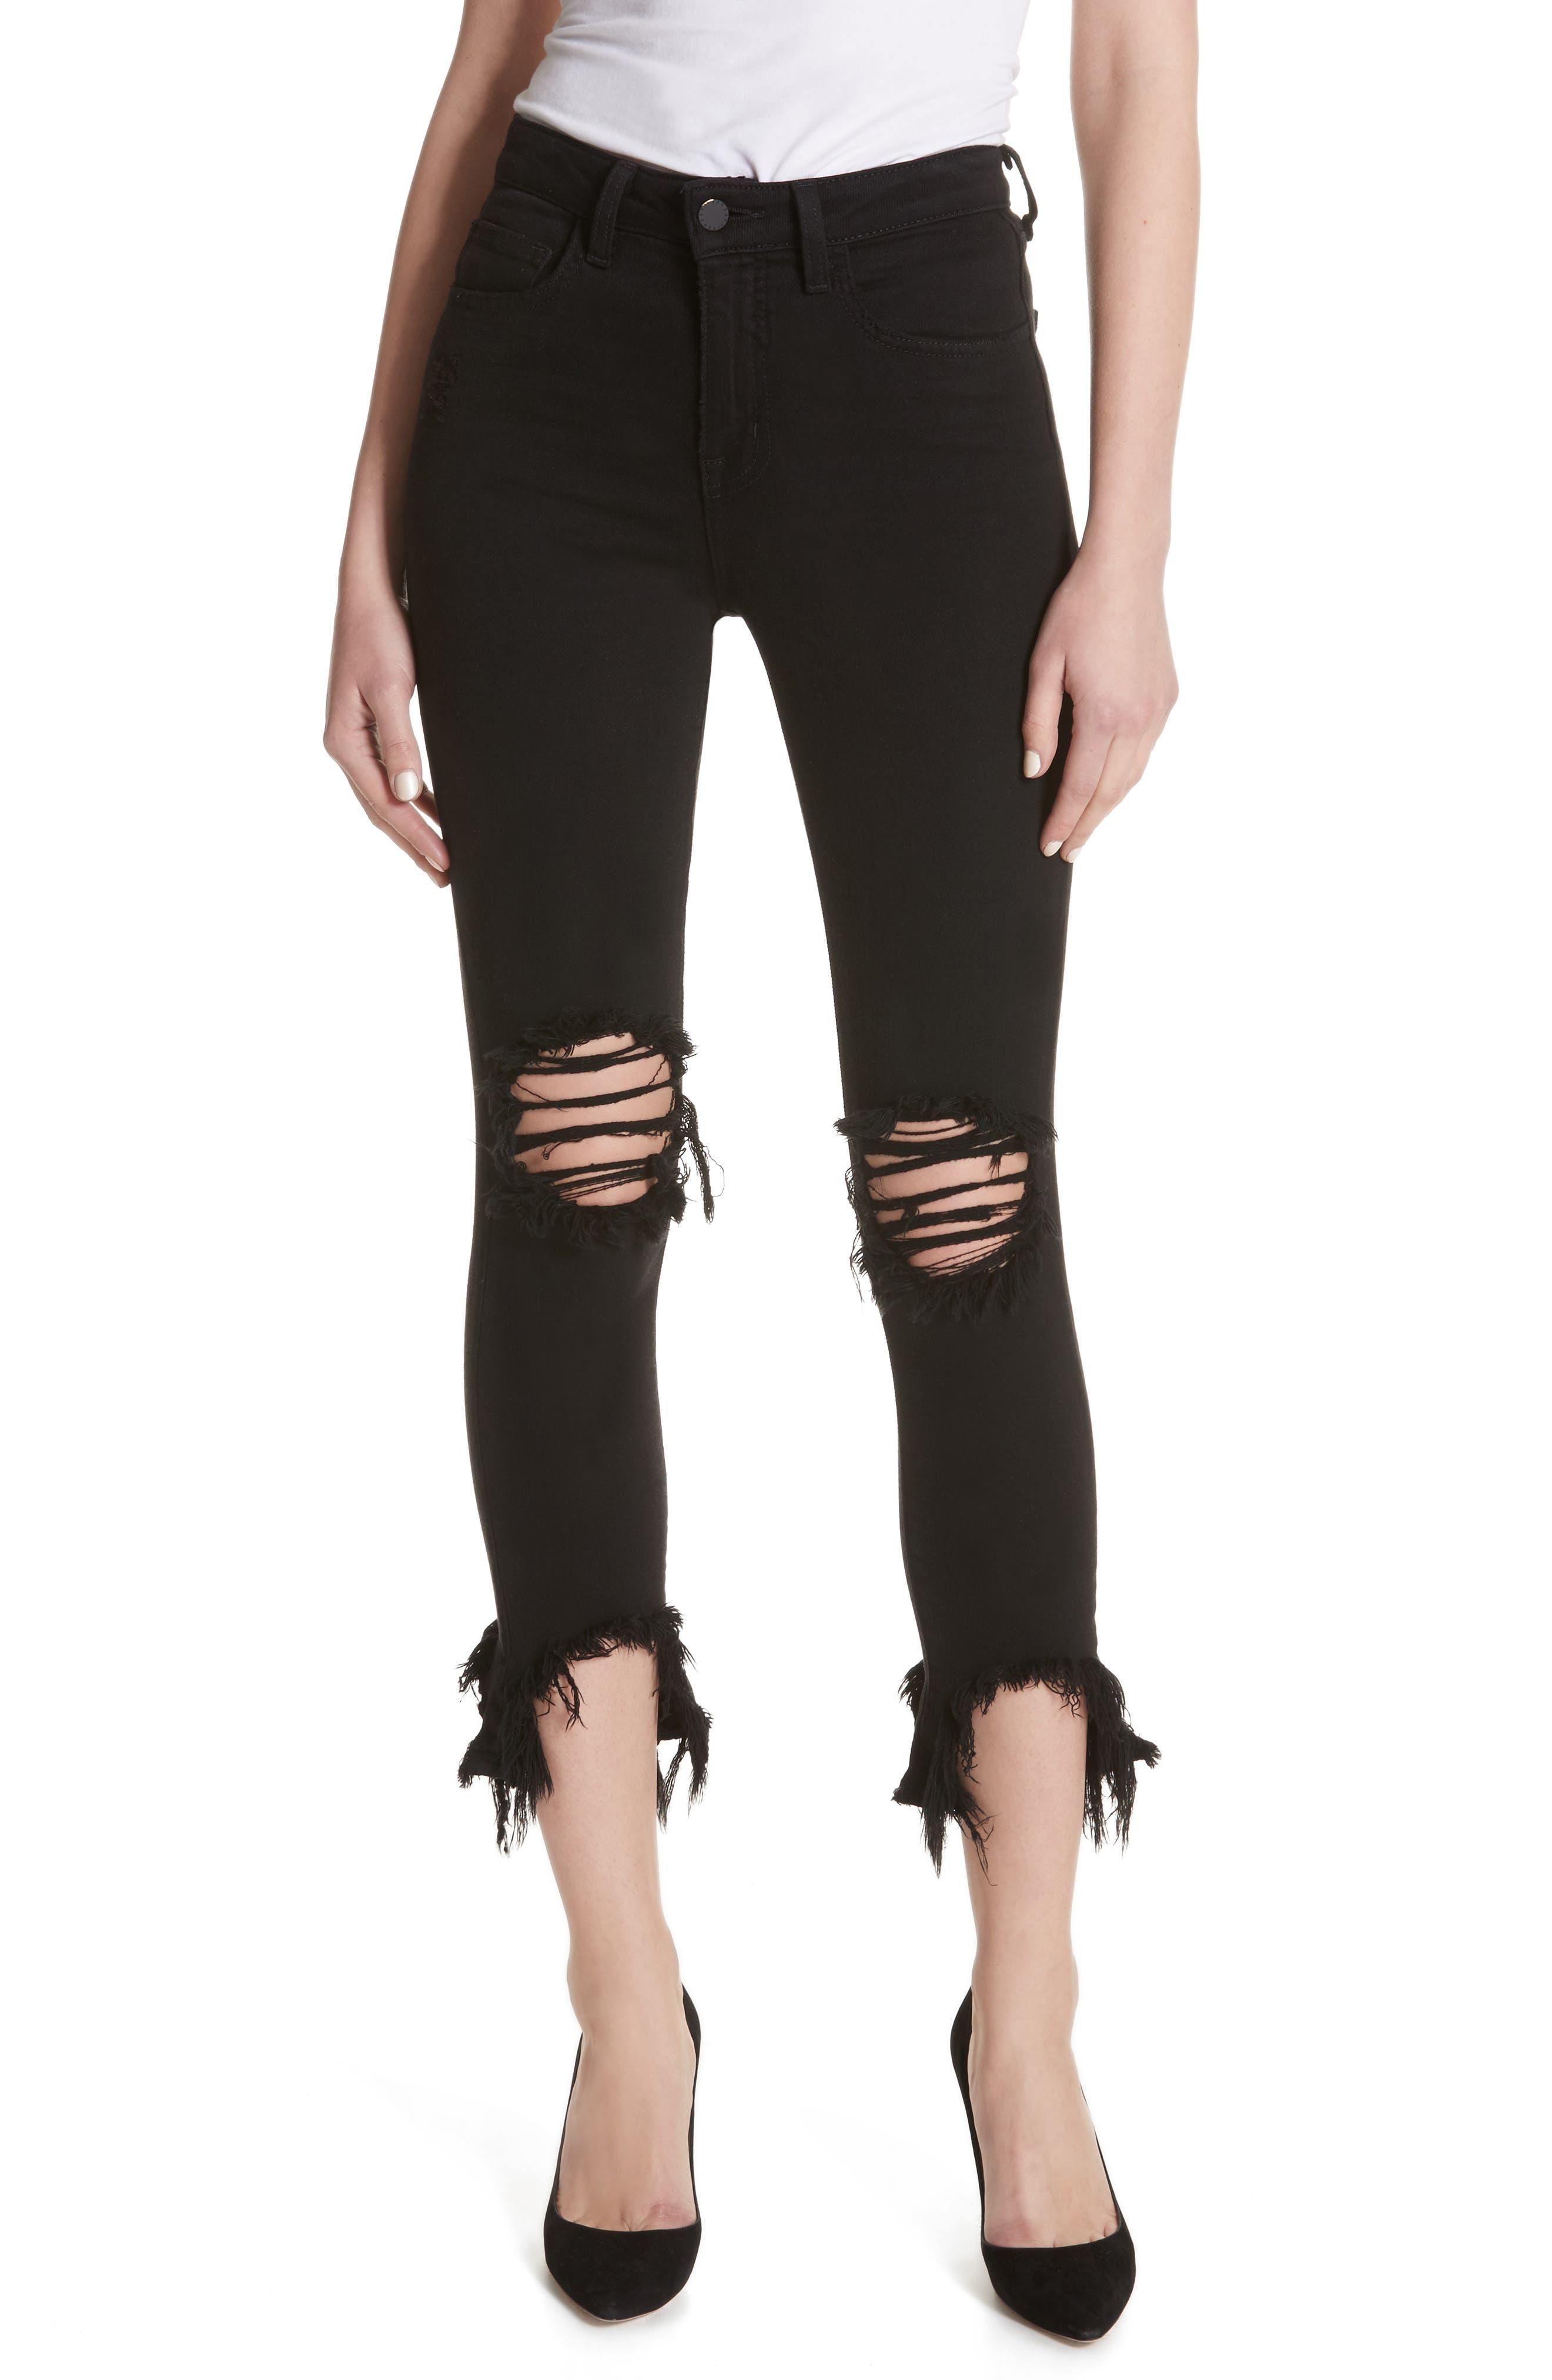 L'AGENCE Highline High Waist Fray Hem Skinny Jeans, Main, color, SATURATED BLACK DESTRUCT